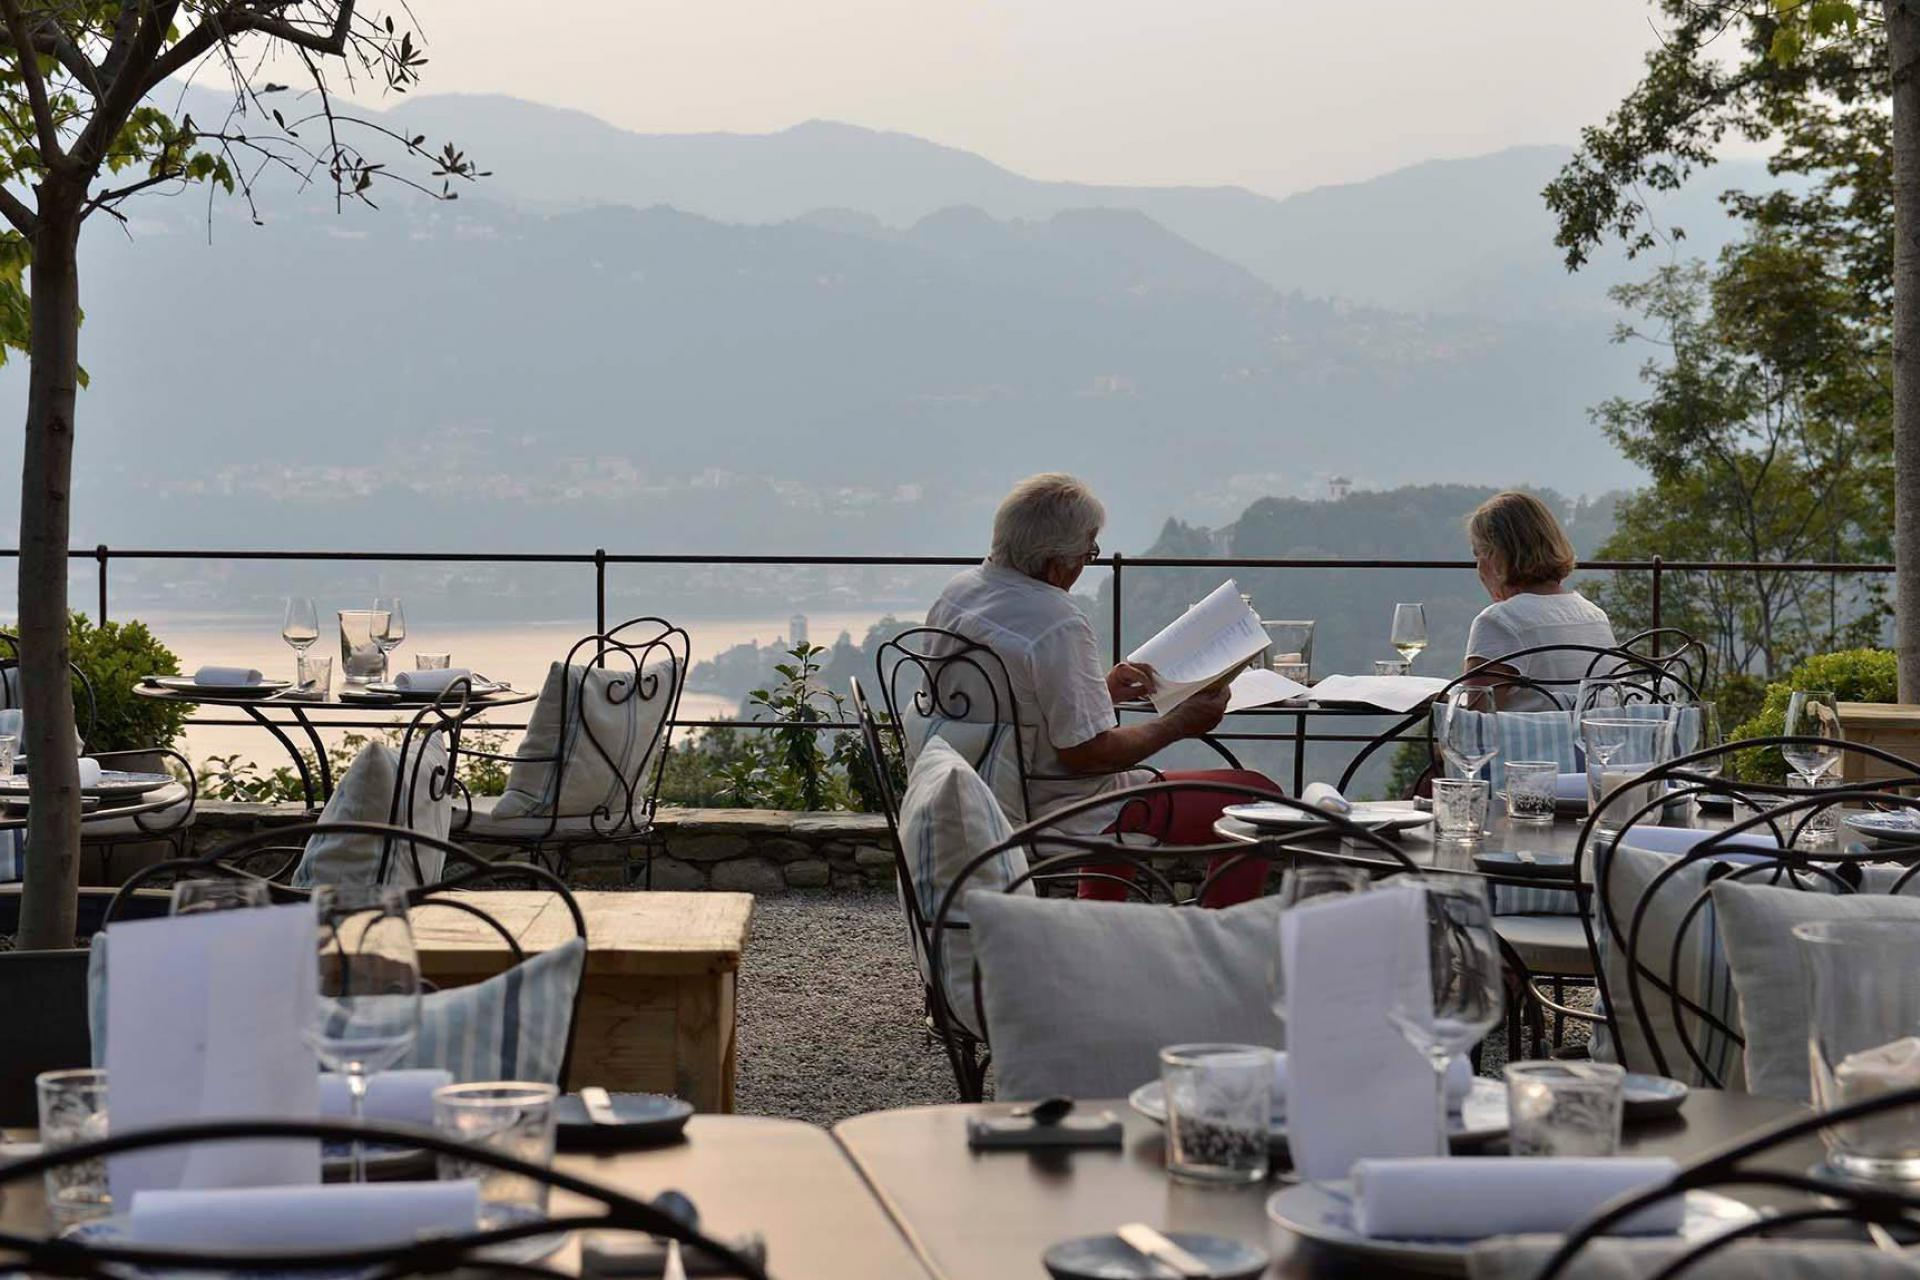 Agriturismo Comomeer en Gardameer Agriturismo Lago Maggiore met bijzonder mooi uitzicht